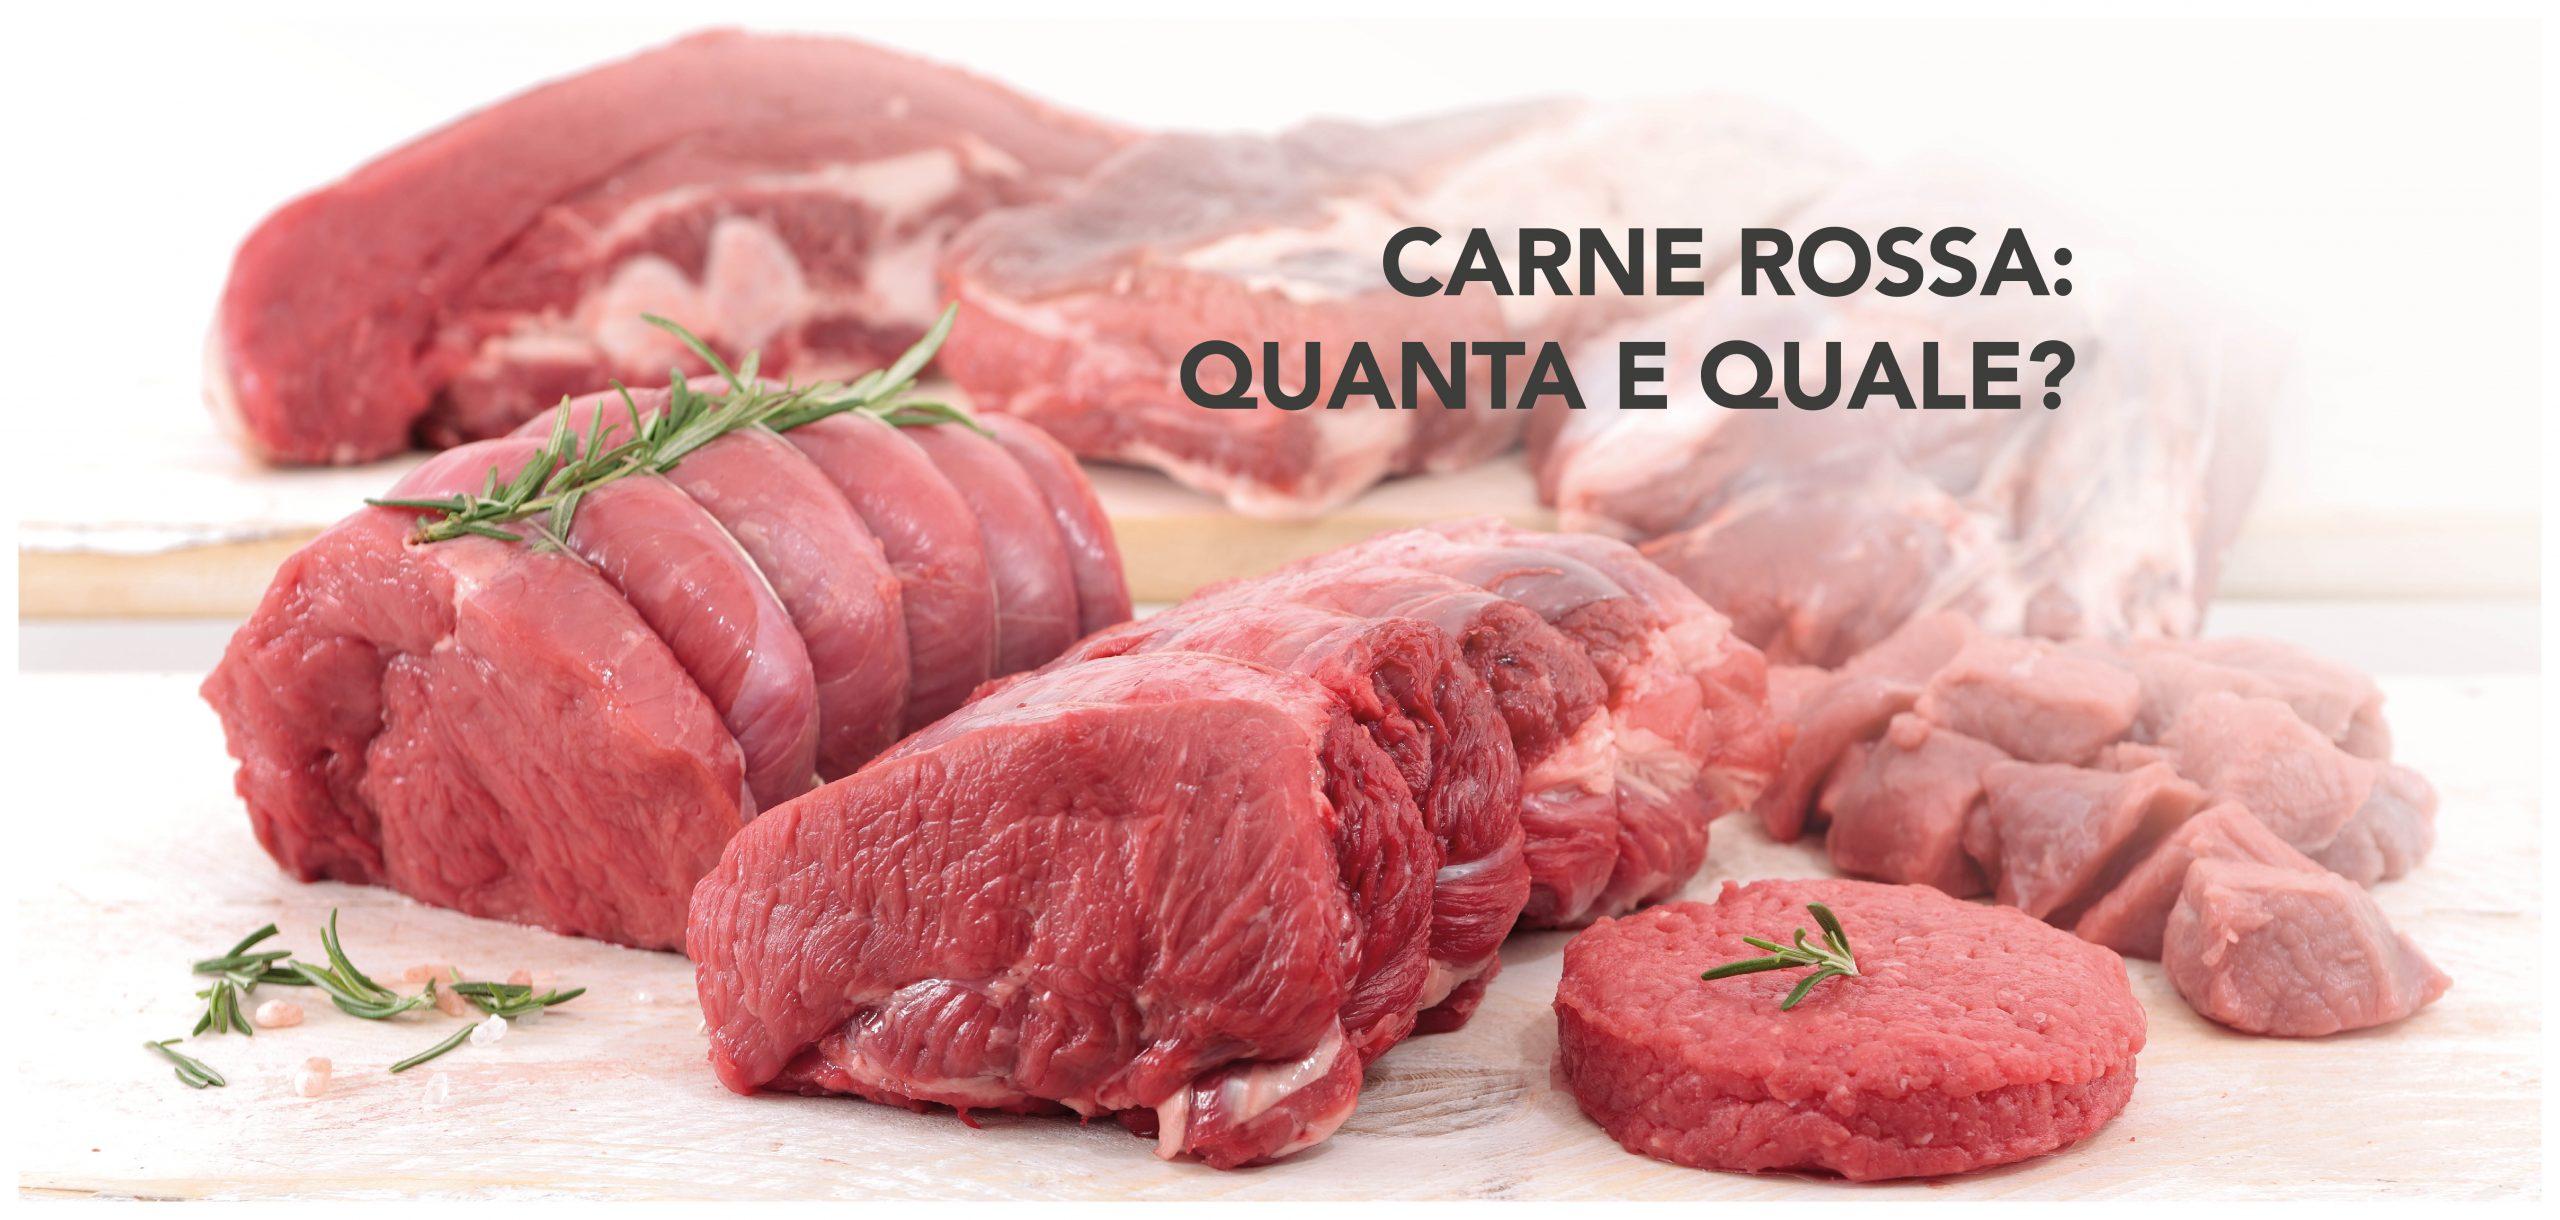 Carne rossa: quanta e quale?